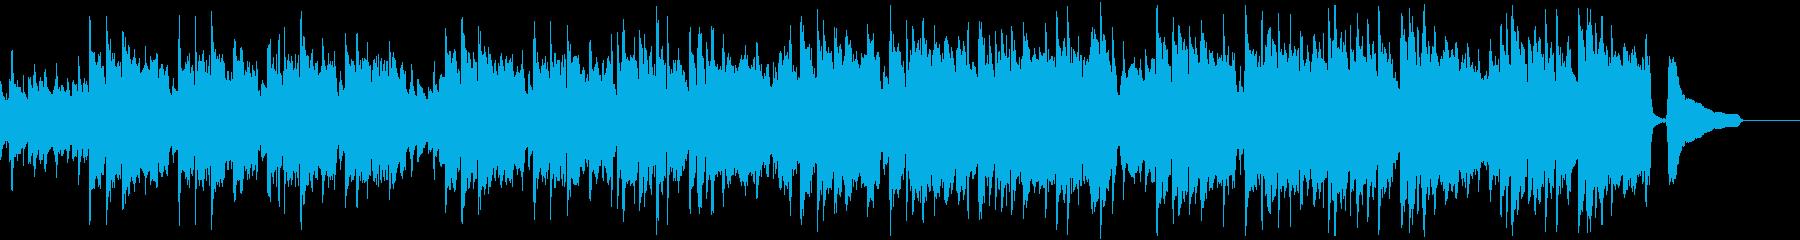 口笛とマンドリンのカントリーな曲aの再生済みの波形